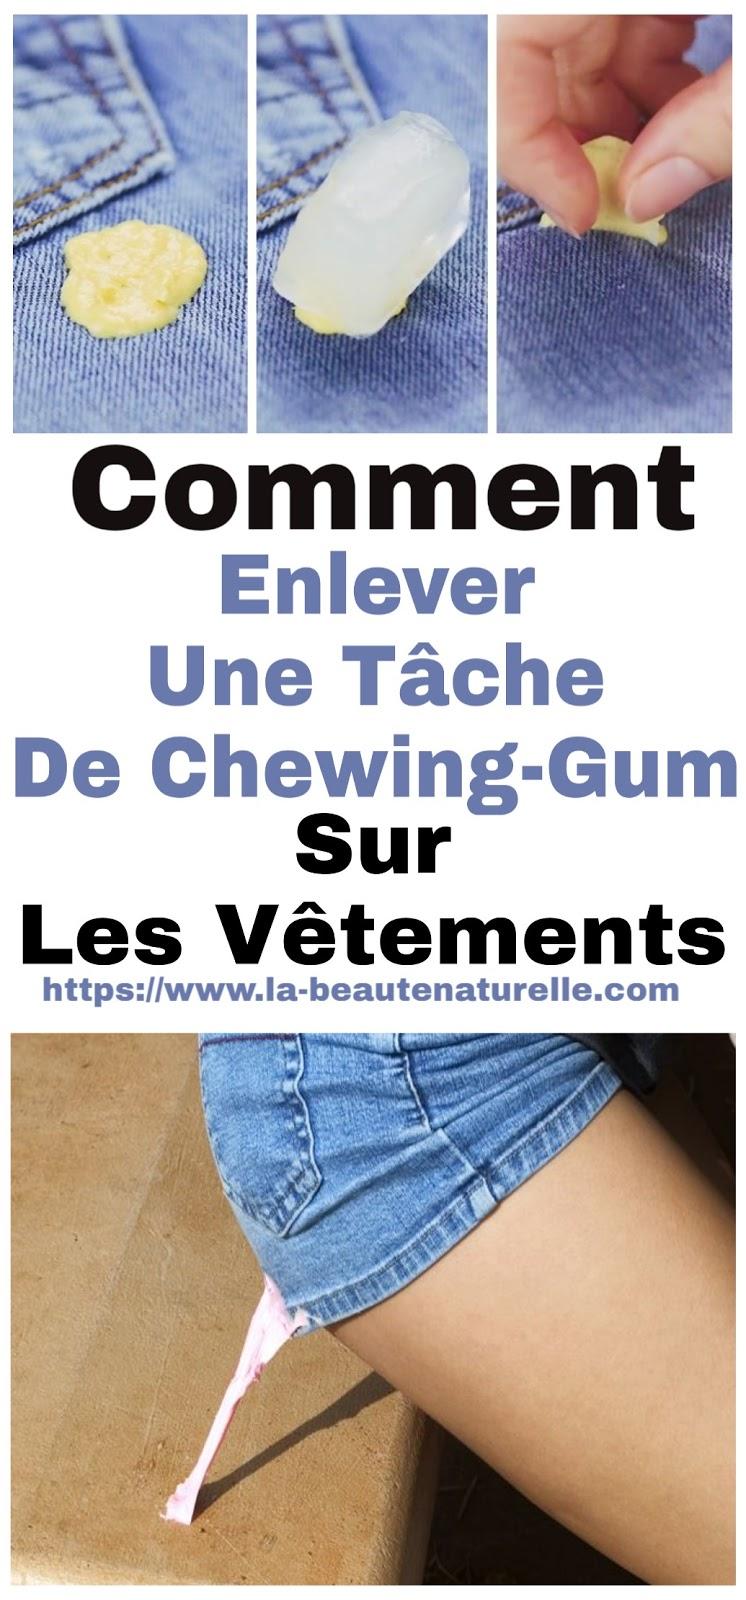 Comment Enlever Une Tâche De Chewing-Gum Sur Les Vêtements